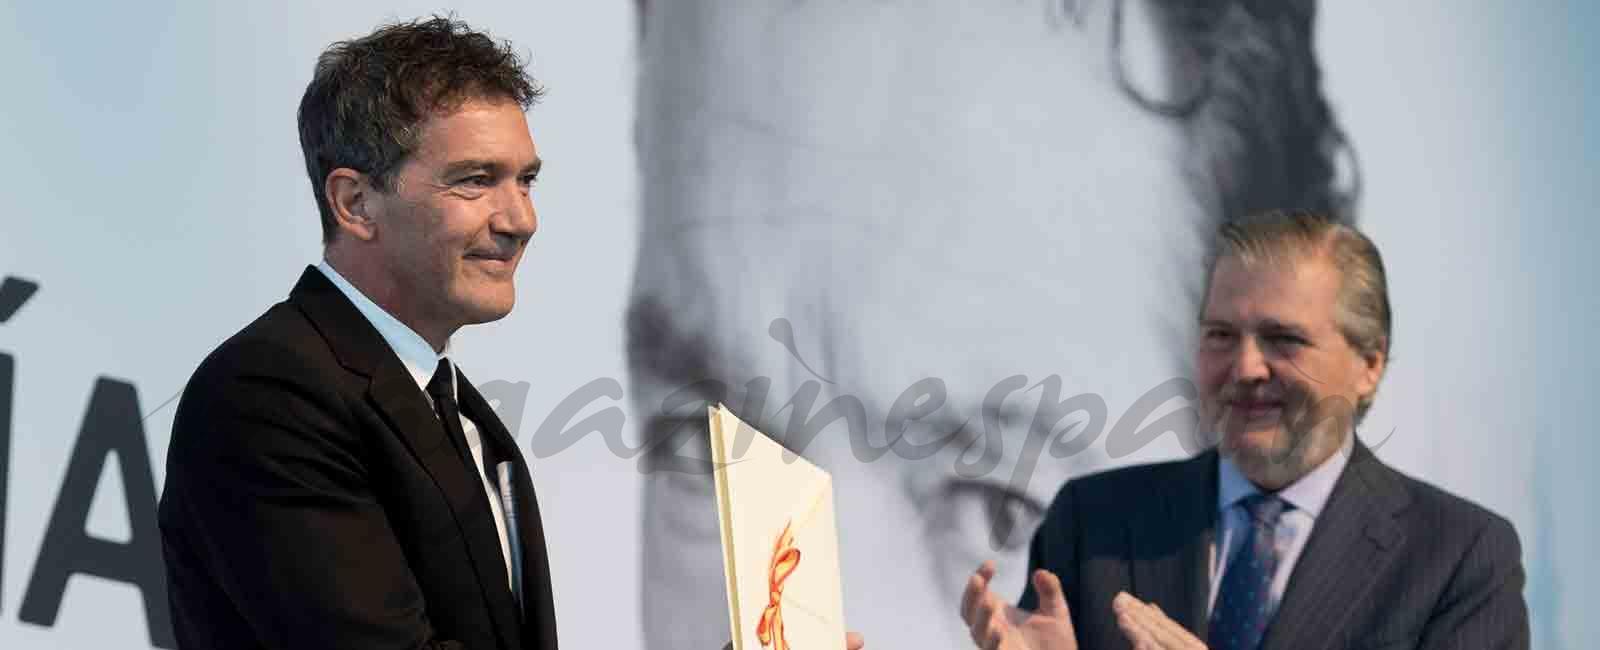 Antonio Banderas Premio Nacional de Cinematografía 2017